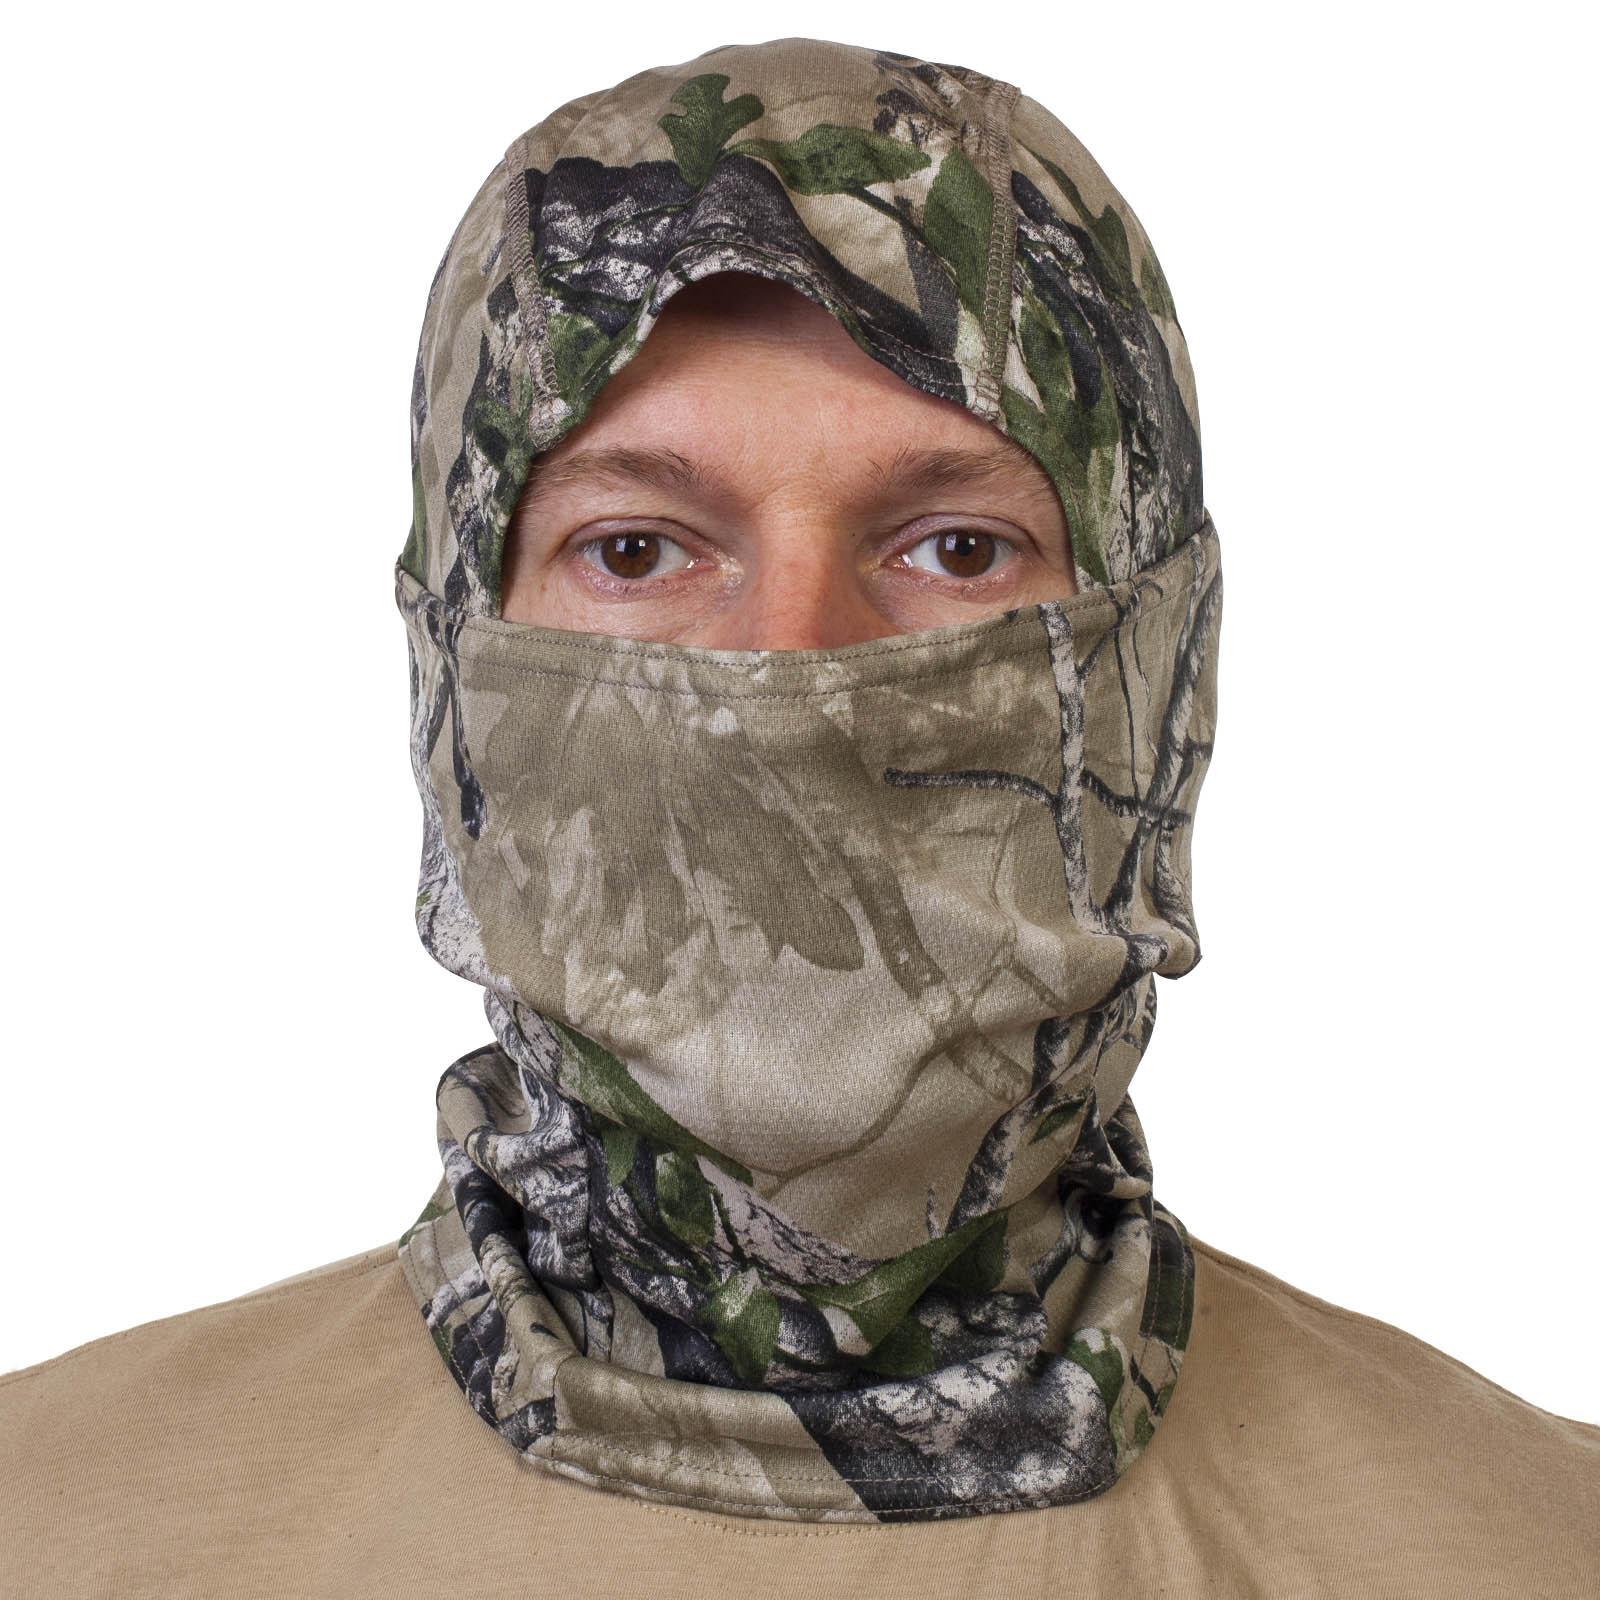 Недорогие маски для сноуборда, зимние и летние подшлемники